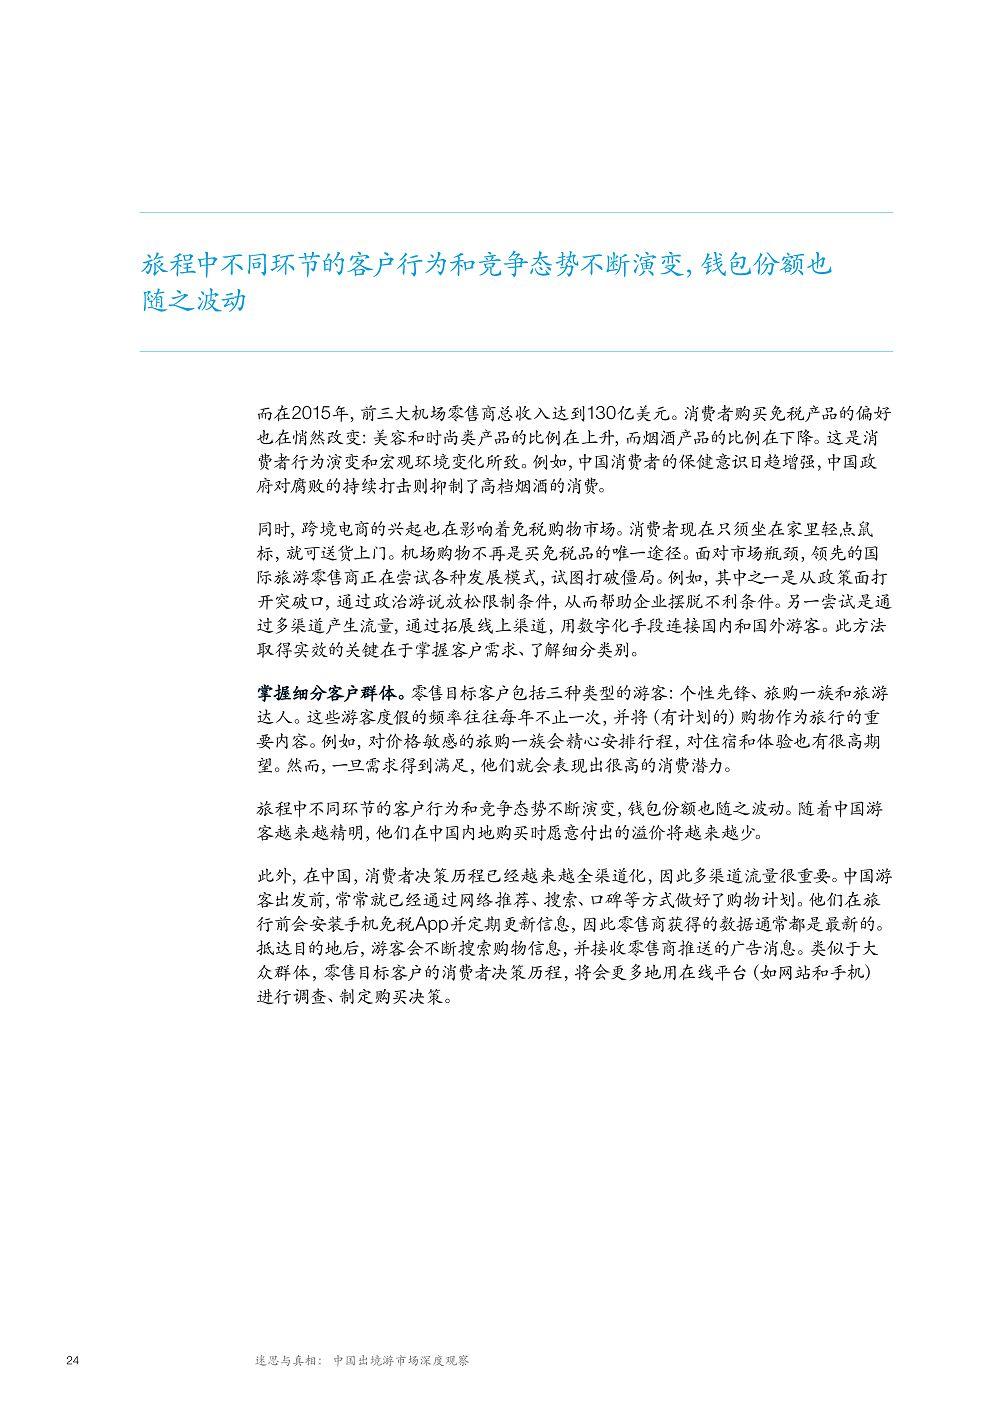 McK_China-tourism-report-2018_CN_28